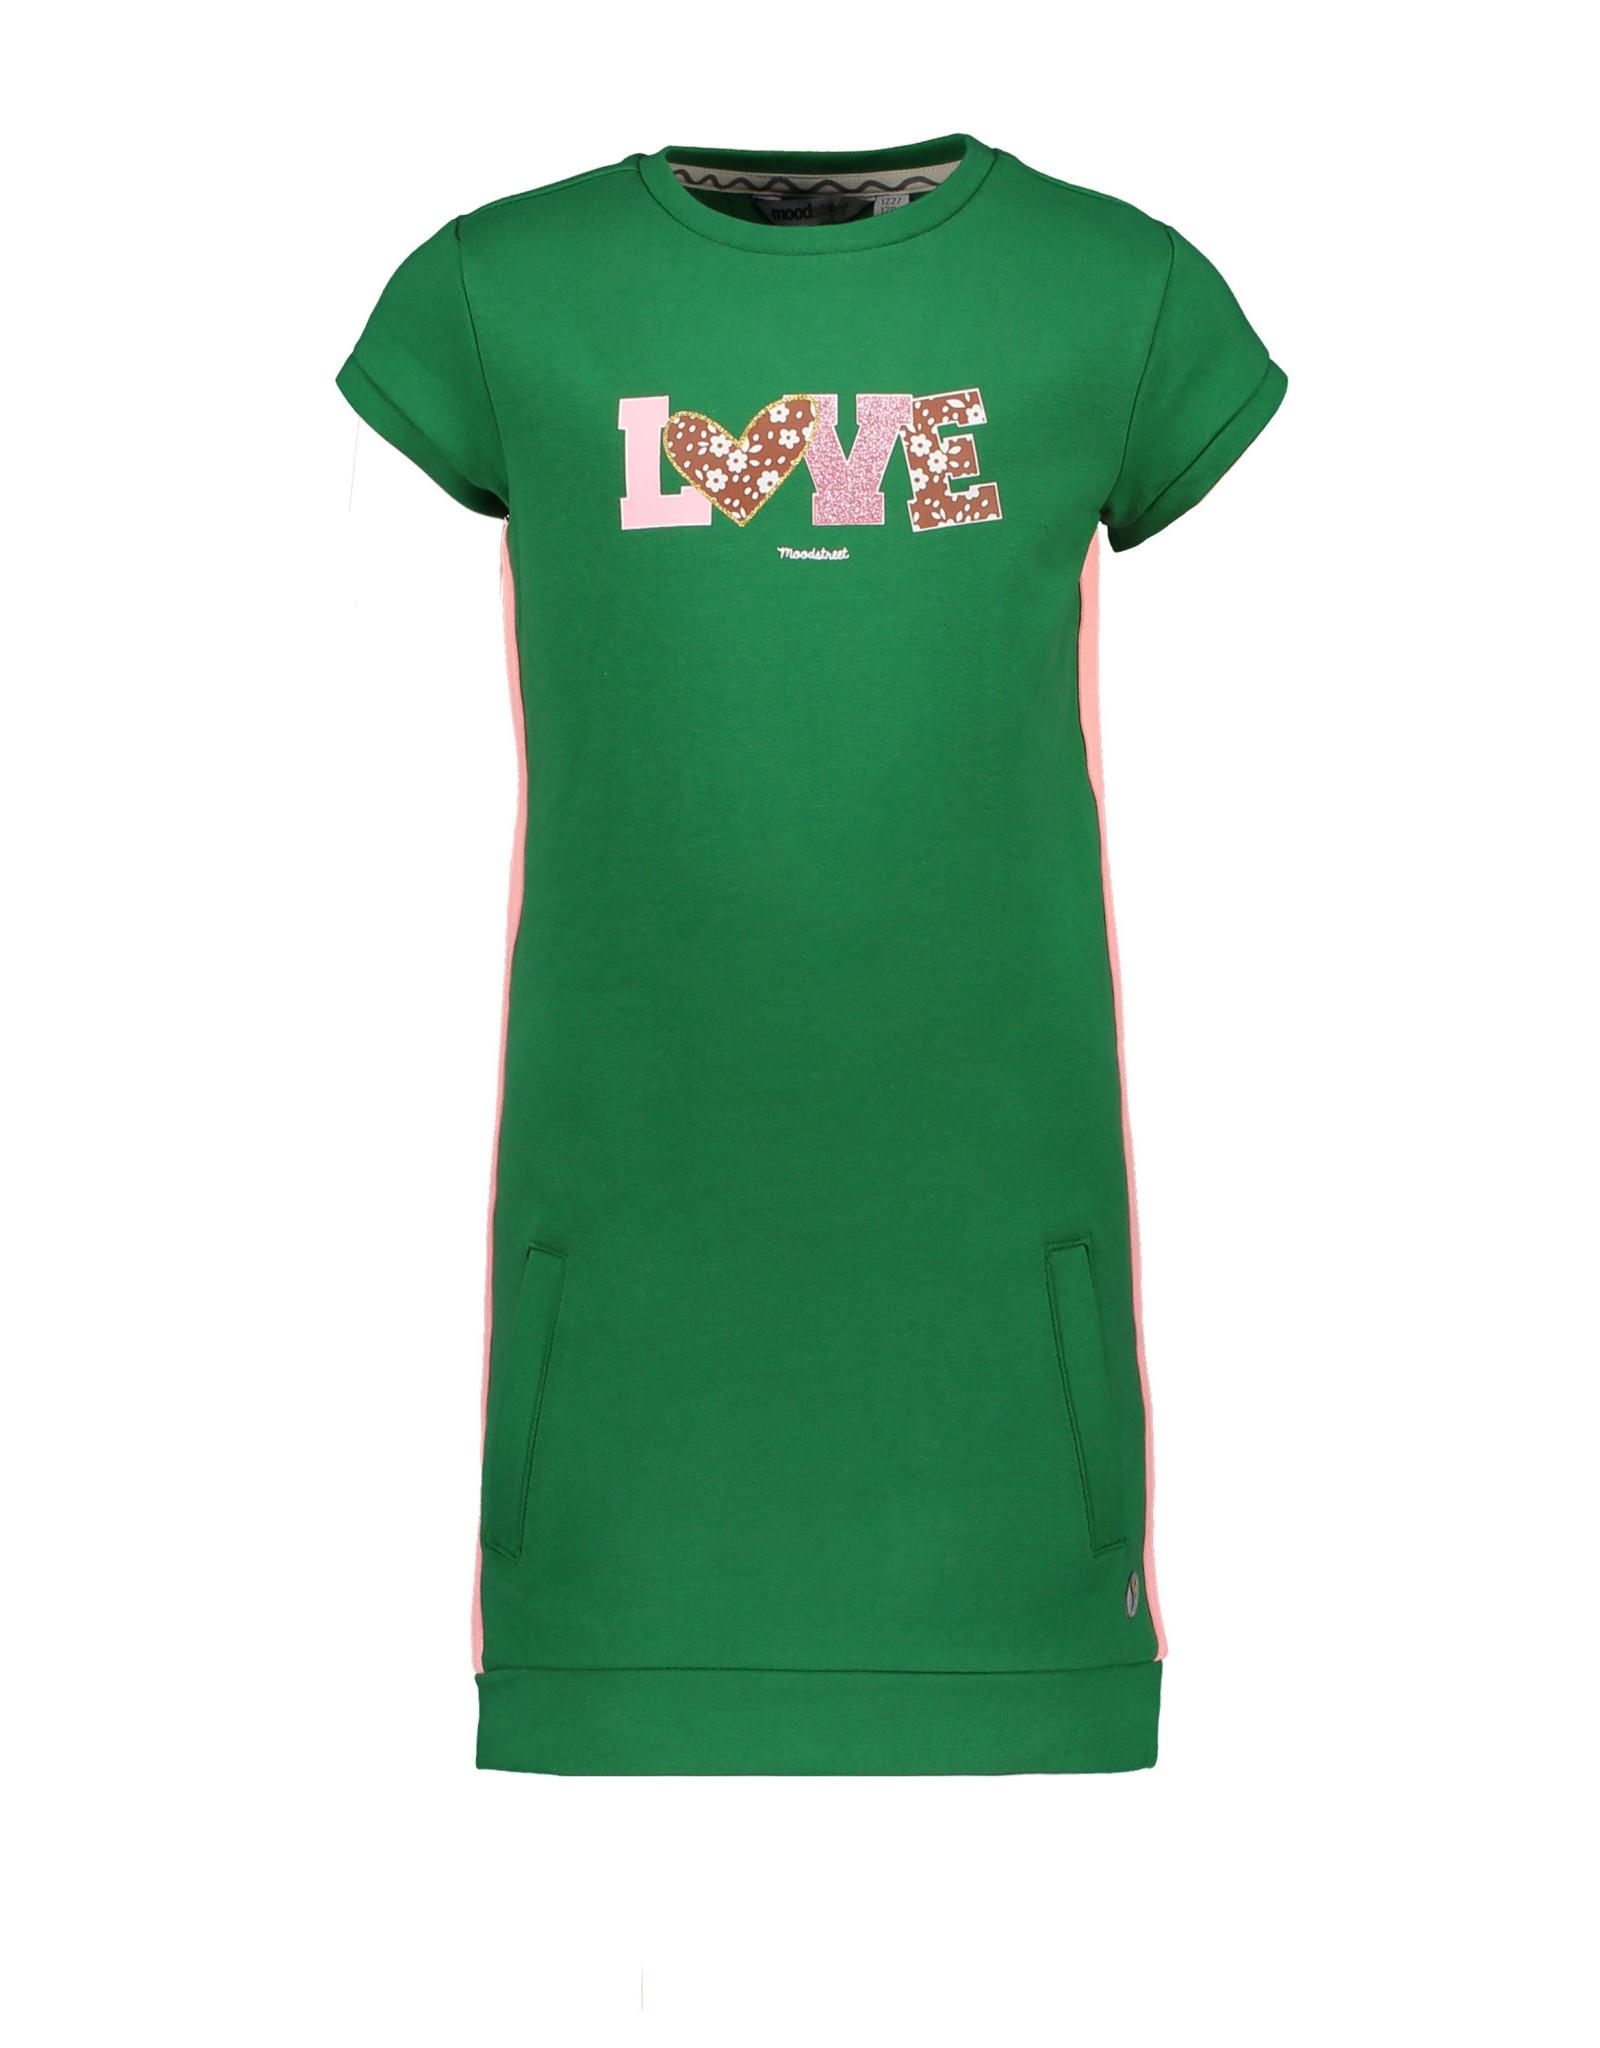 Moodstreet Moodstreet meisjes sweatjurk Green